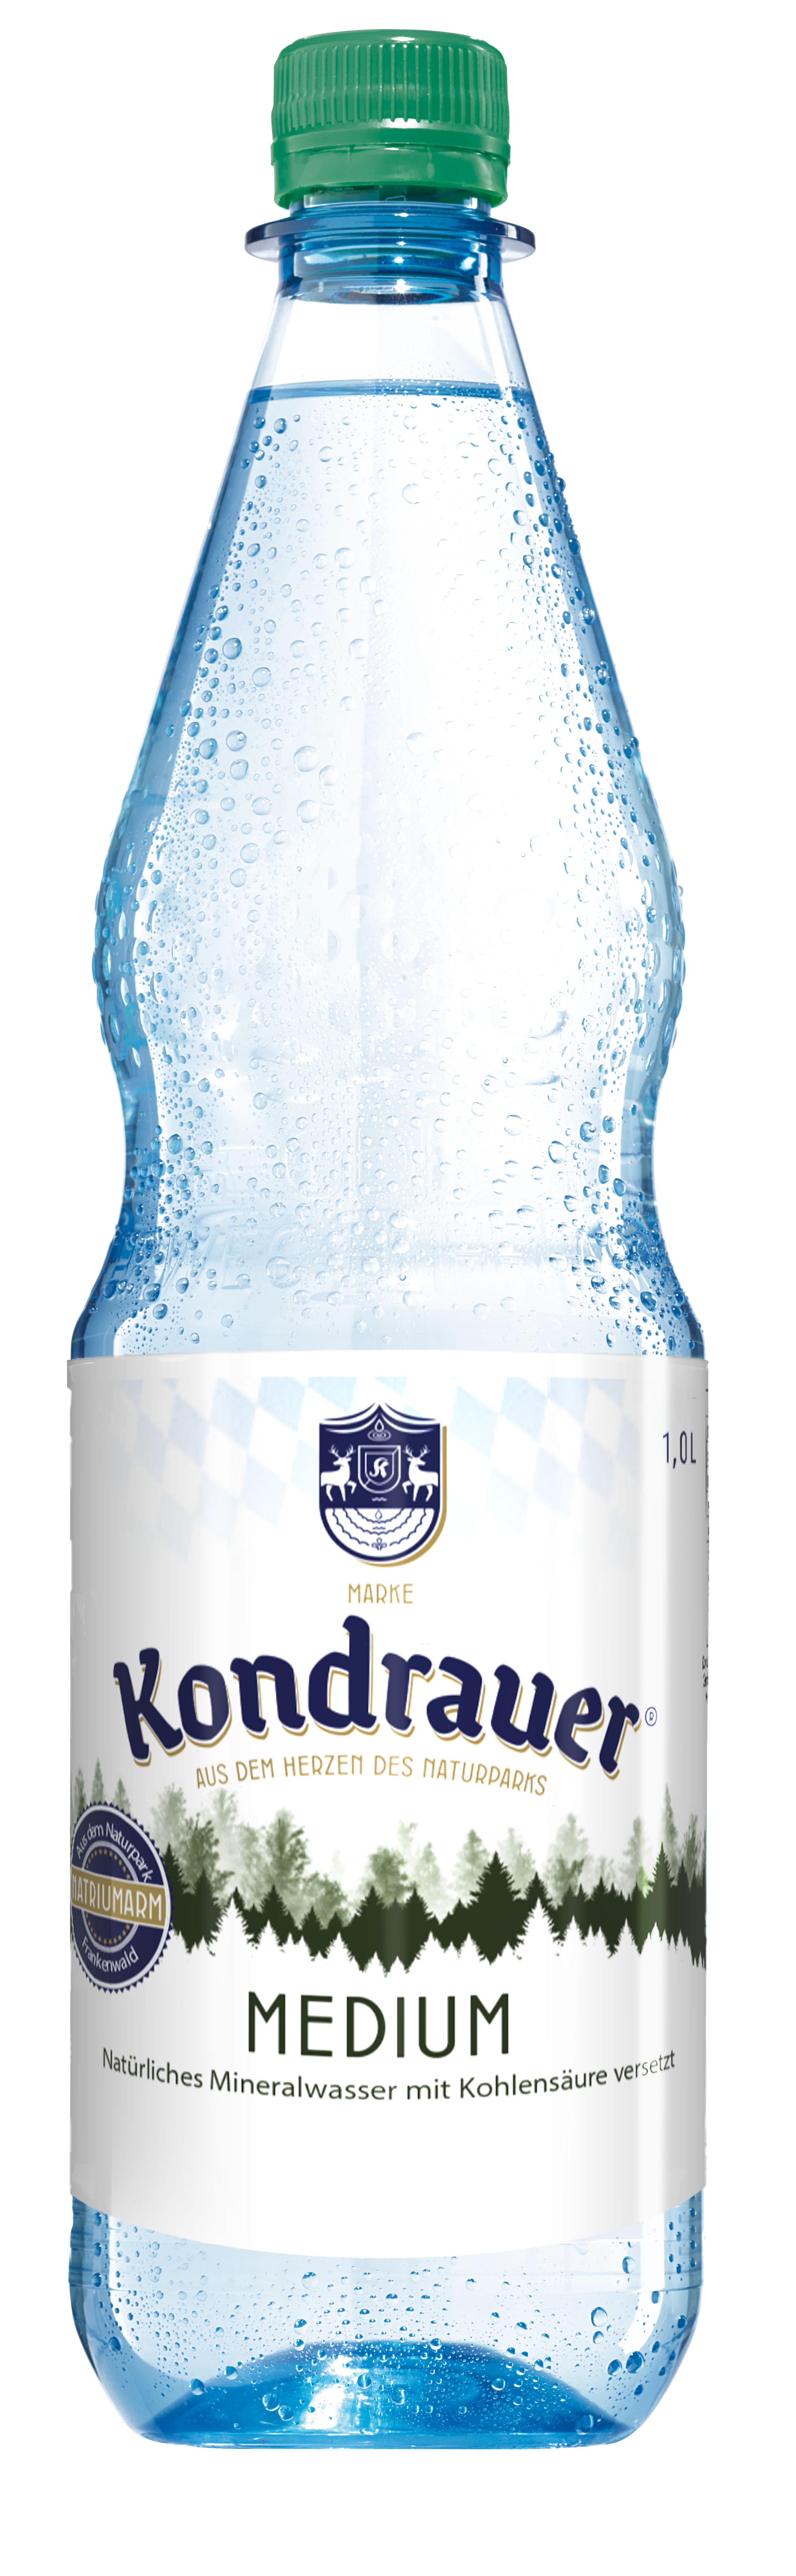 """Mineralwasser """"Medium"""" 1,0 l PET-Mehrwegflasche"""